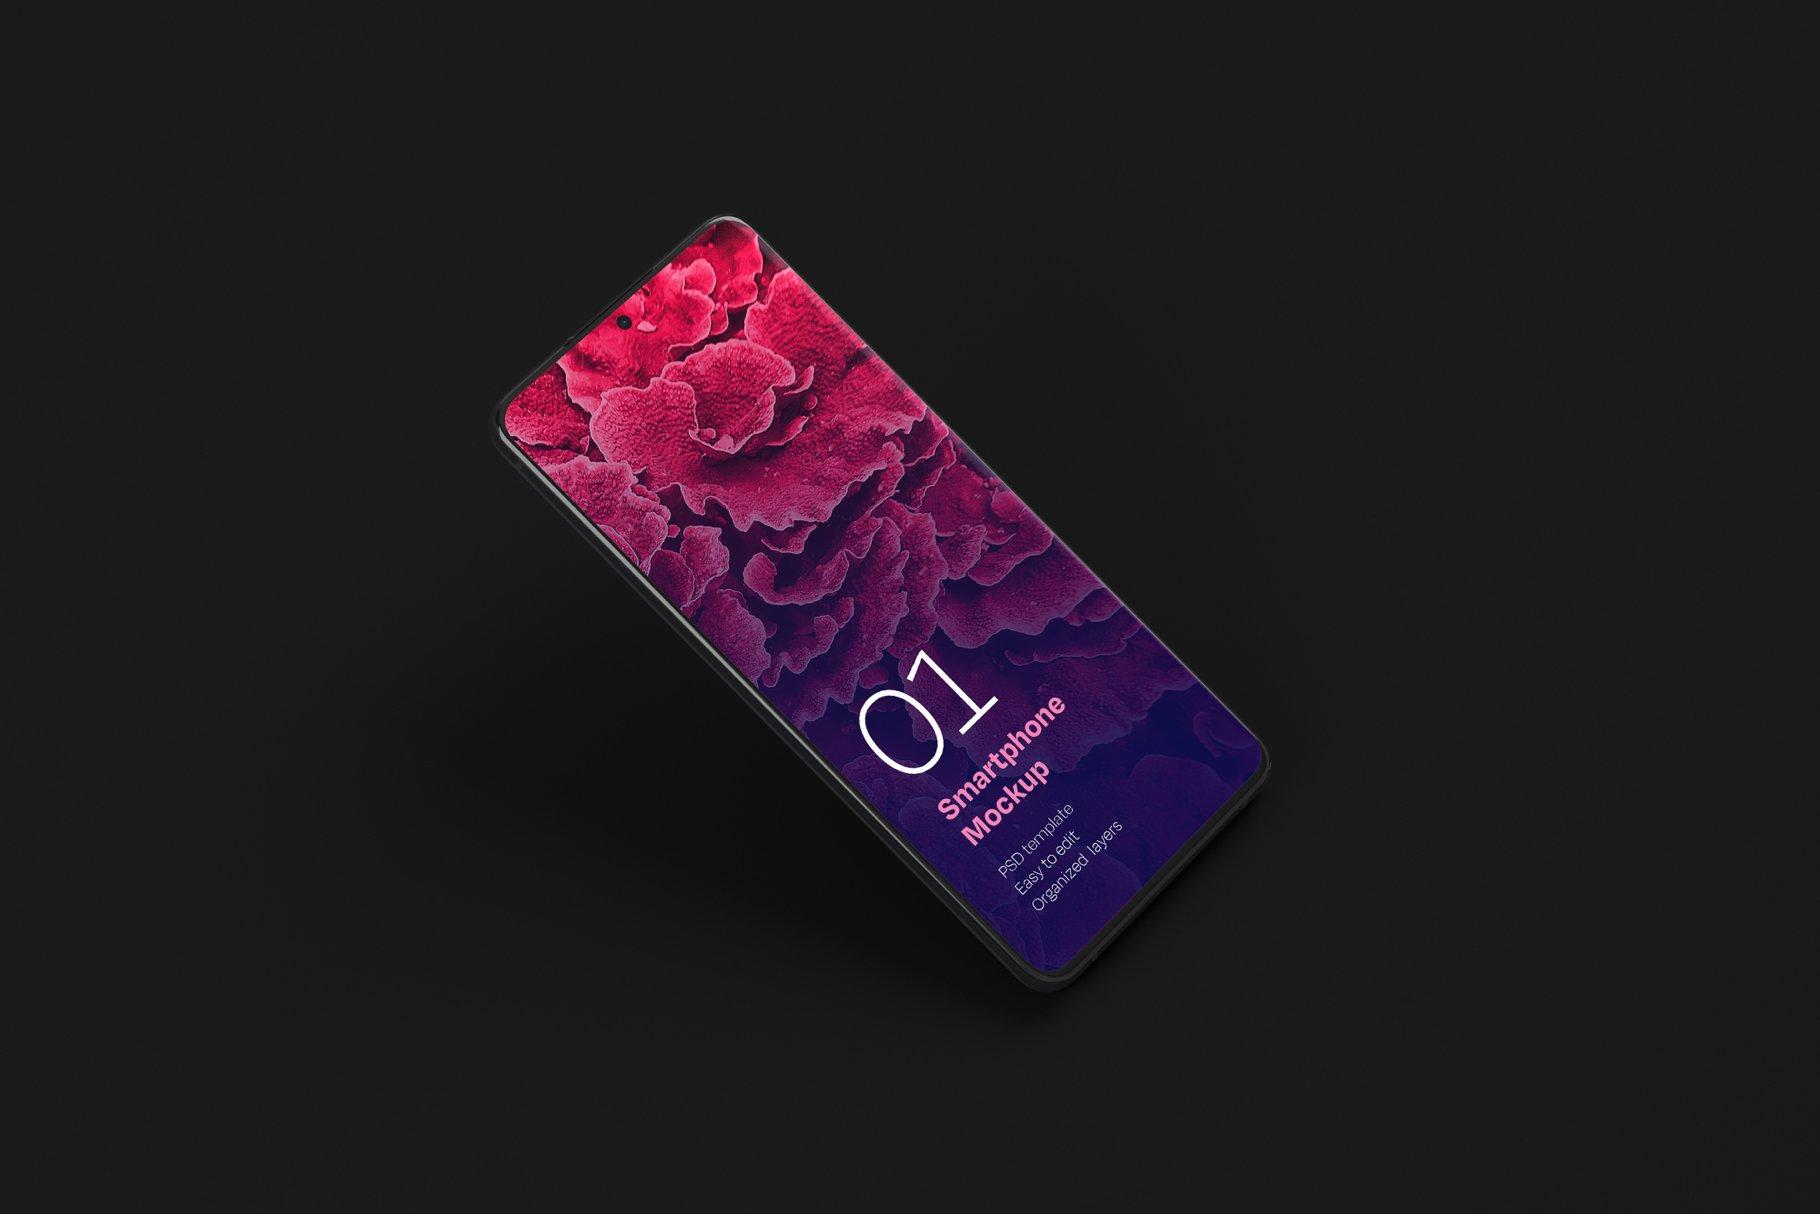 16款应用APP设计三星Galaxy S20手机屏幕演示样机 Galaxy S20 Ultra Device Mockup插图(11)